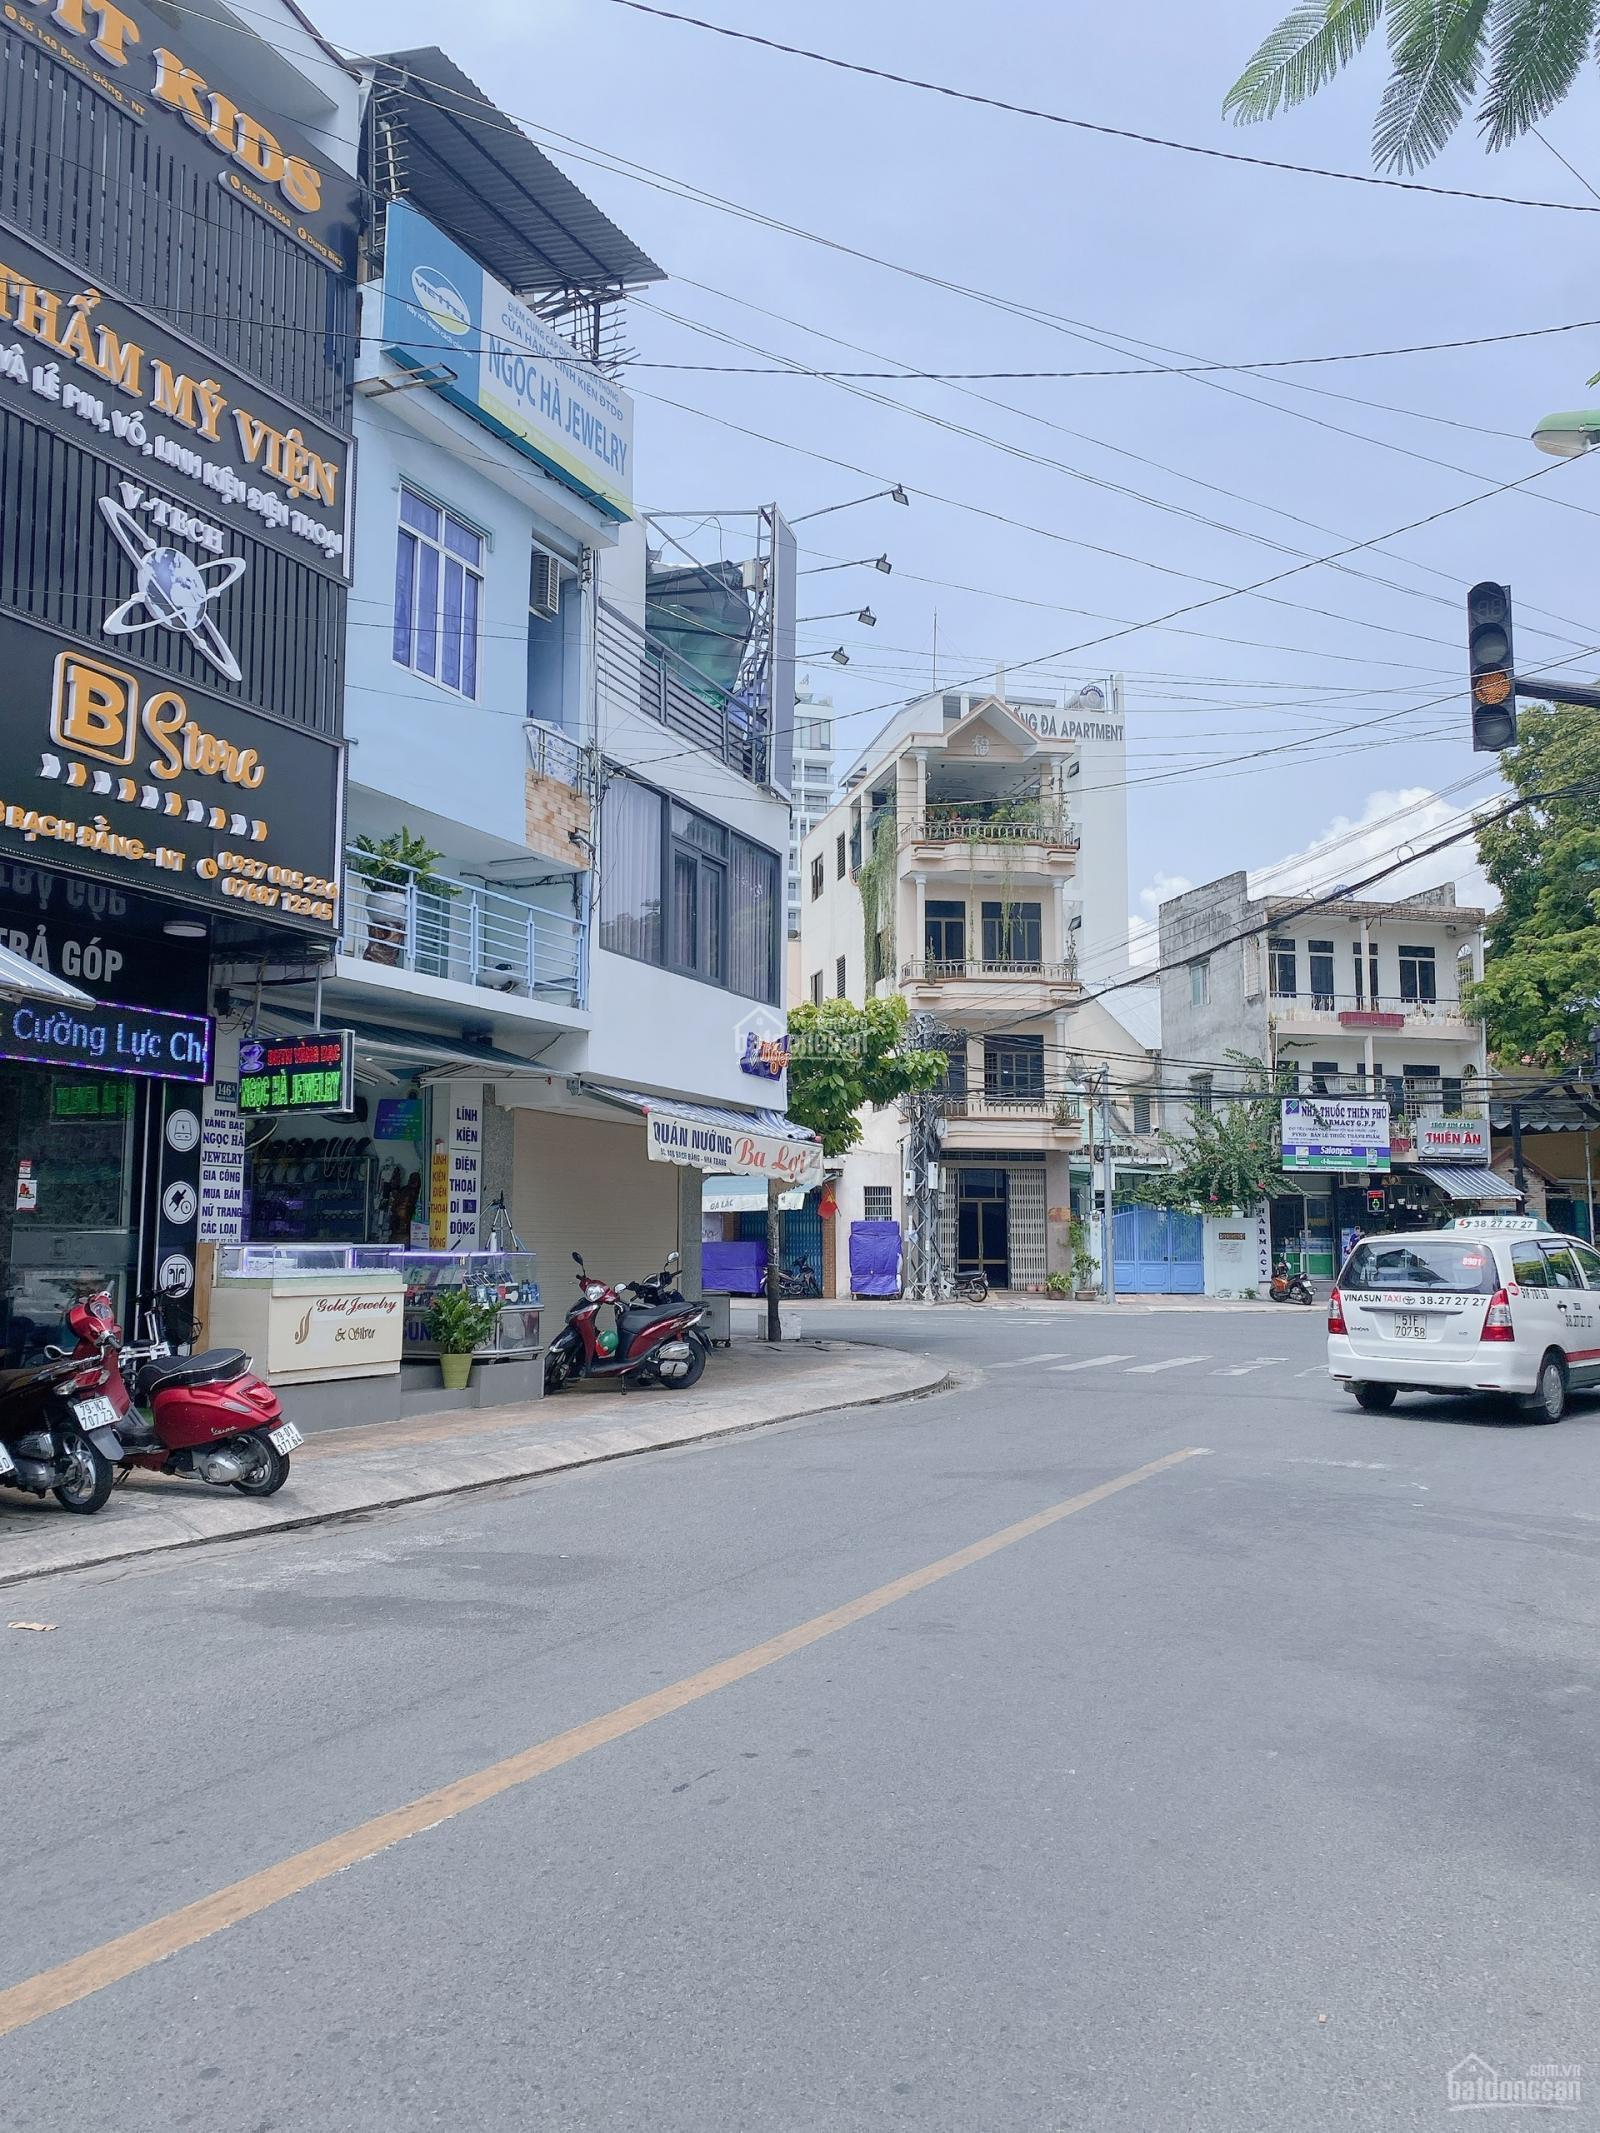 Duy nhất 1 căn góc 2 mặt tiền trung tâm thành phố cách biển 950m khu bàn cờ đắc địa nhất Nha Trang